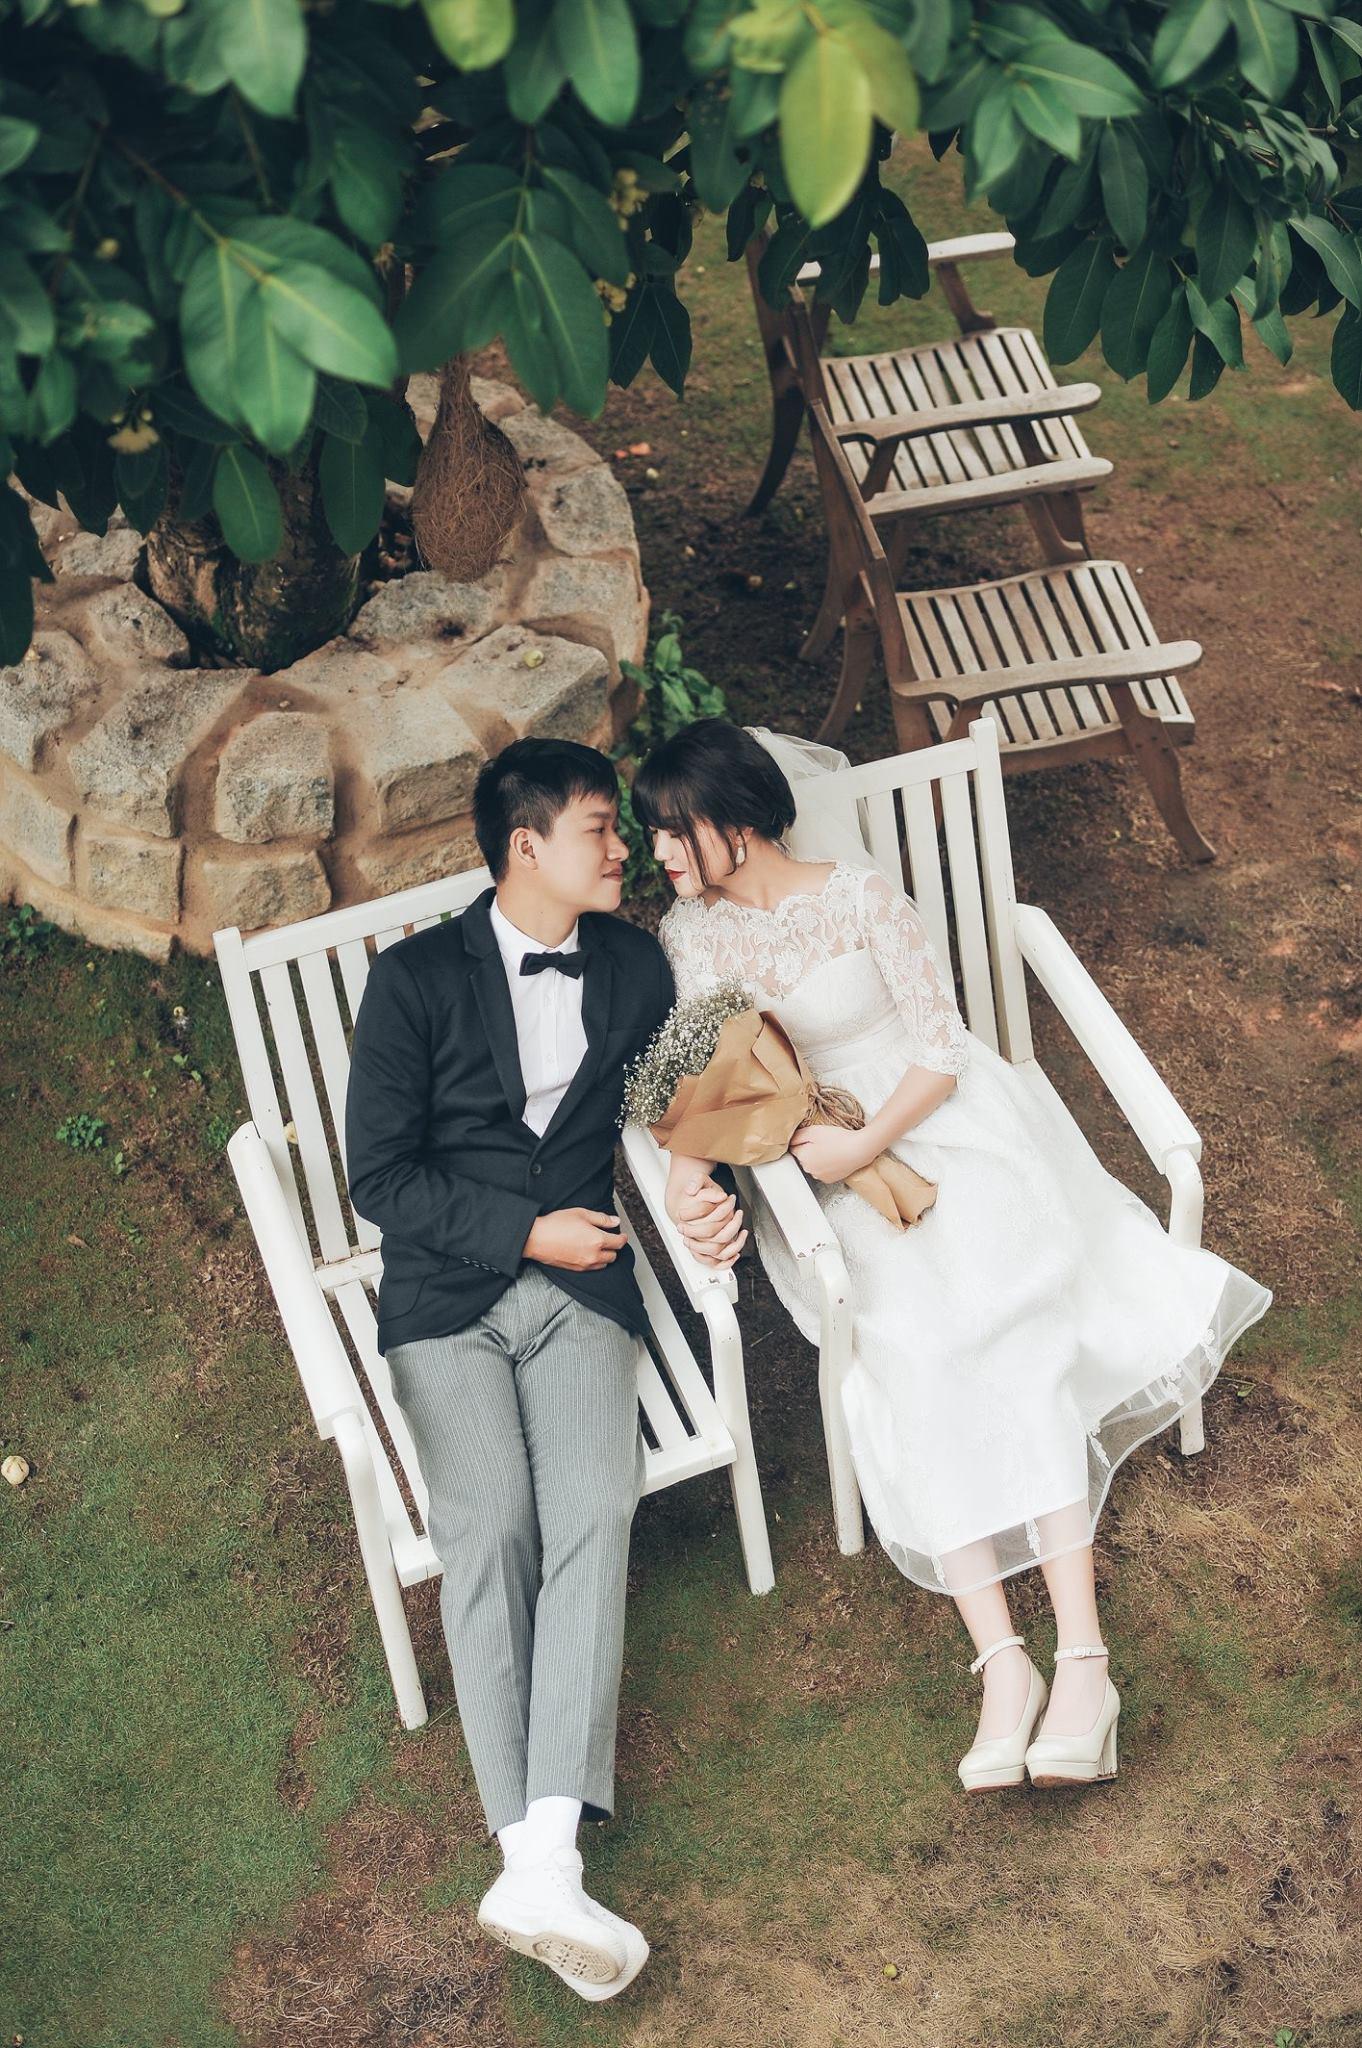 Trọn bộ ảnh cưới giản dị nhưng ngập tràn hạnh phúc của MC Trần Ngọc và 9x xinh đẹp - Ảnh 22.